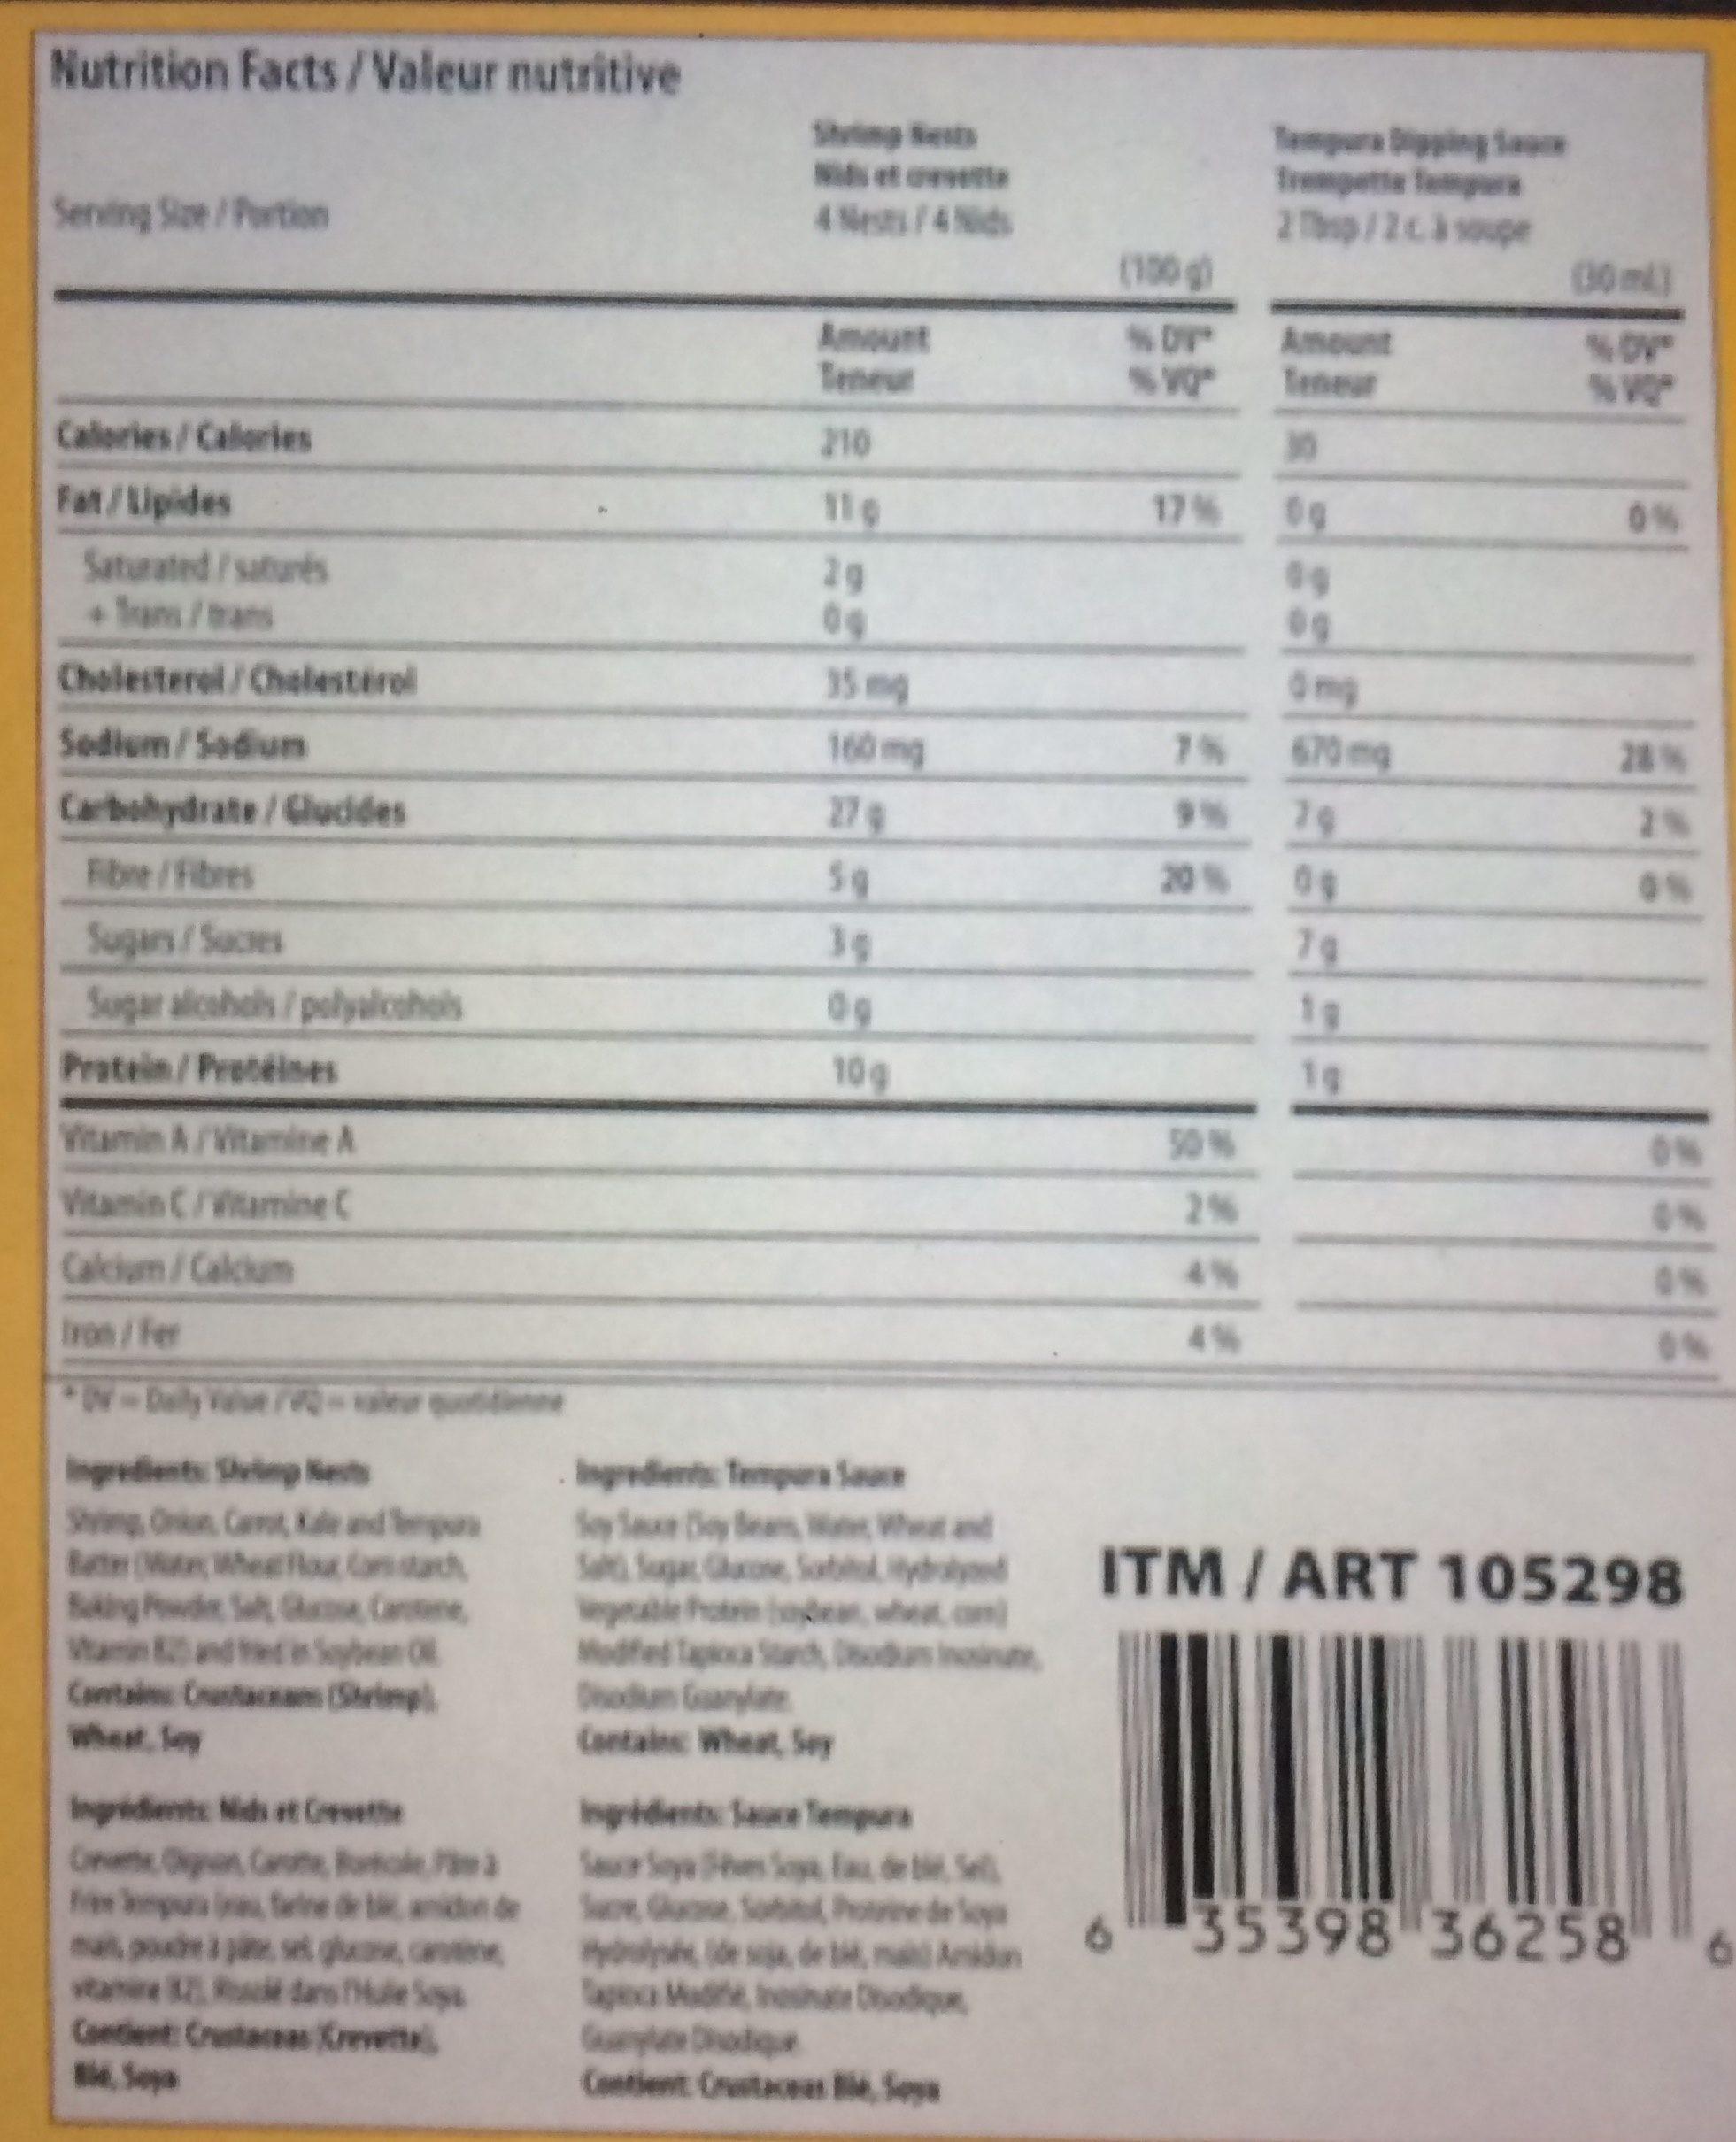 Nids de légumes et crevette - Informations nutritionnelles - fr